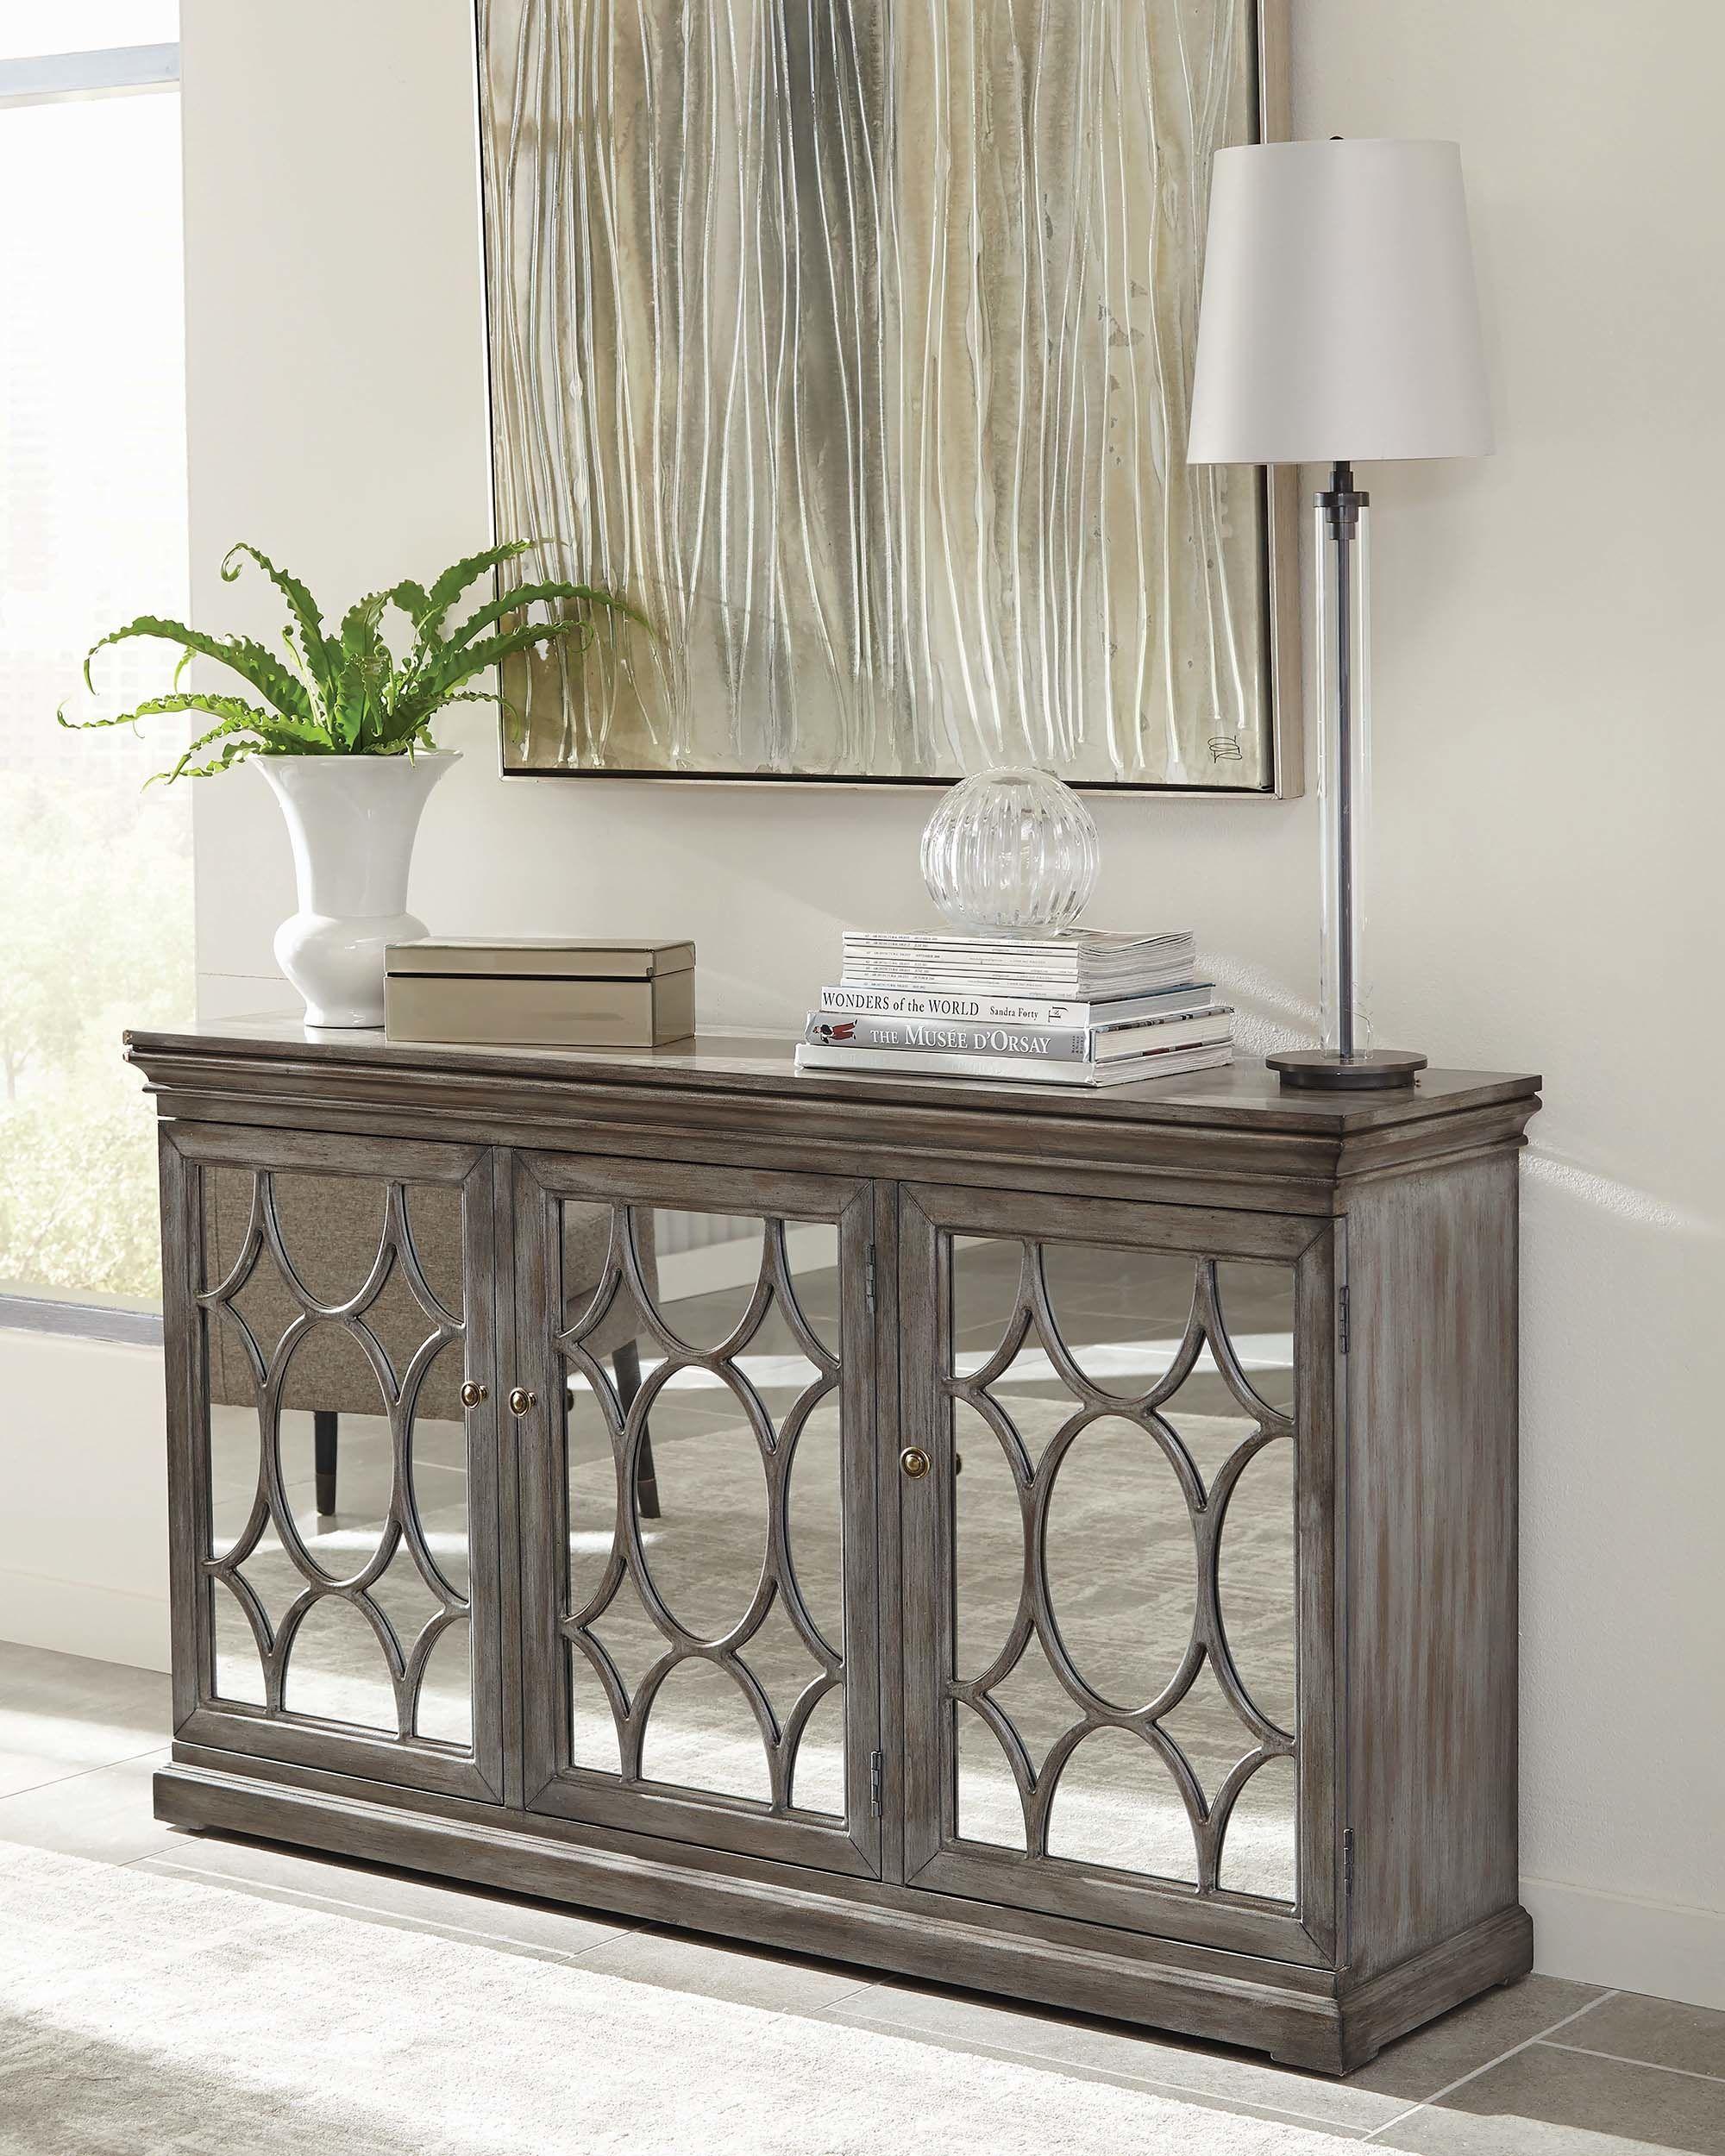 Cs777 Accent Cabinet 950777 Coaster Furniture Accent Cabinets In 2021 Room Decor Home Decor Accessories Decor